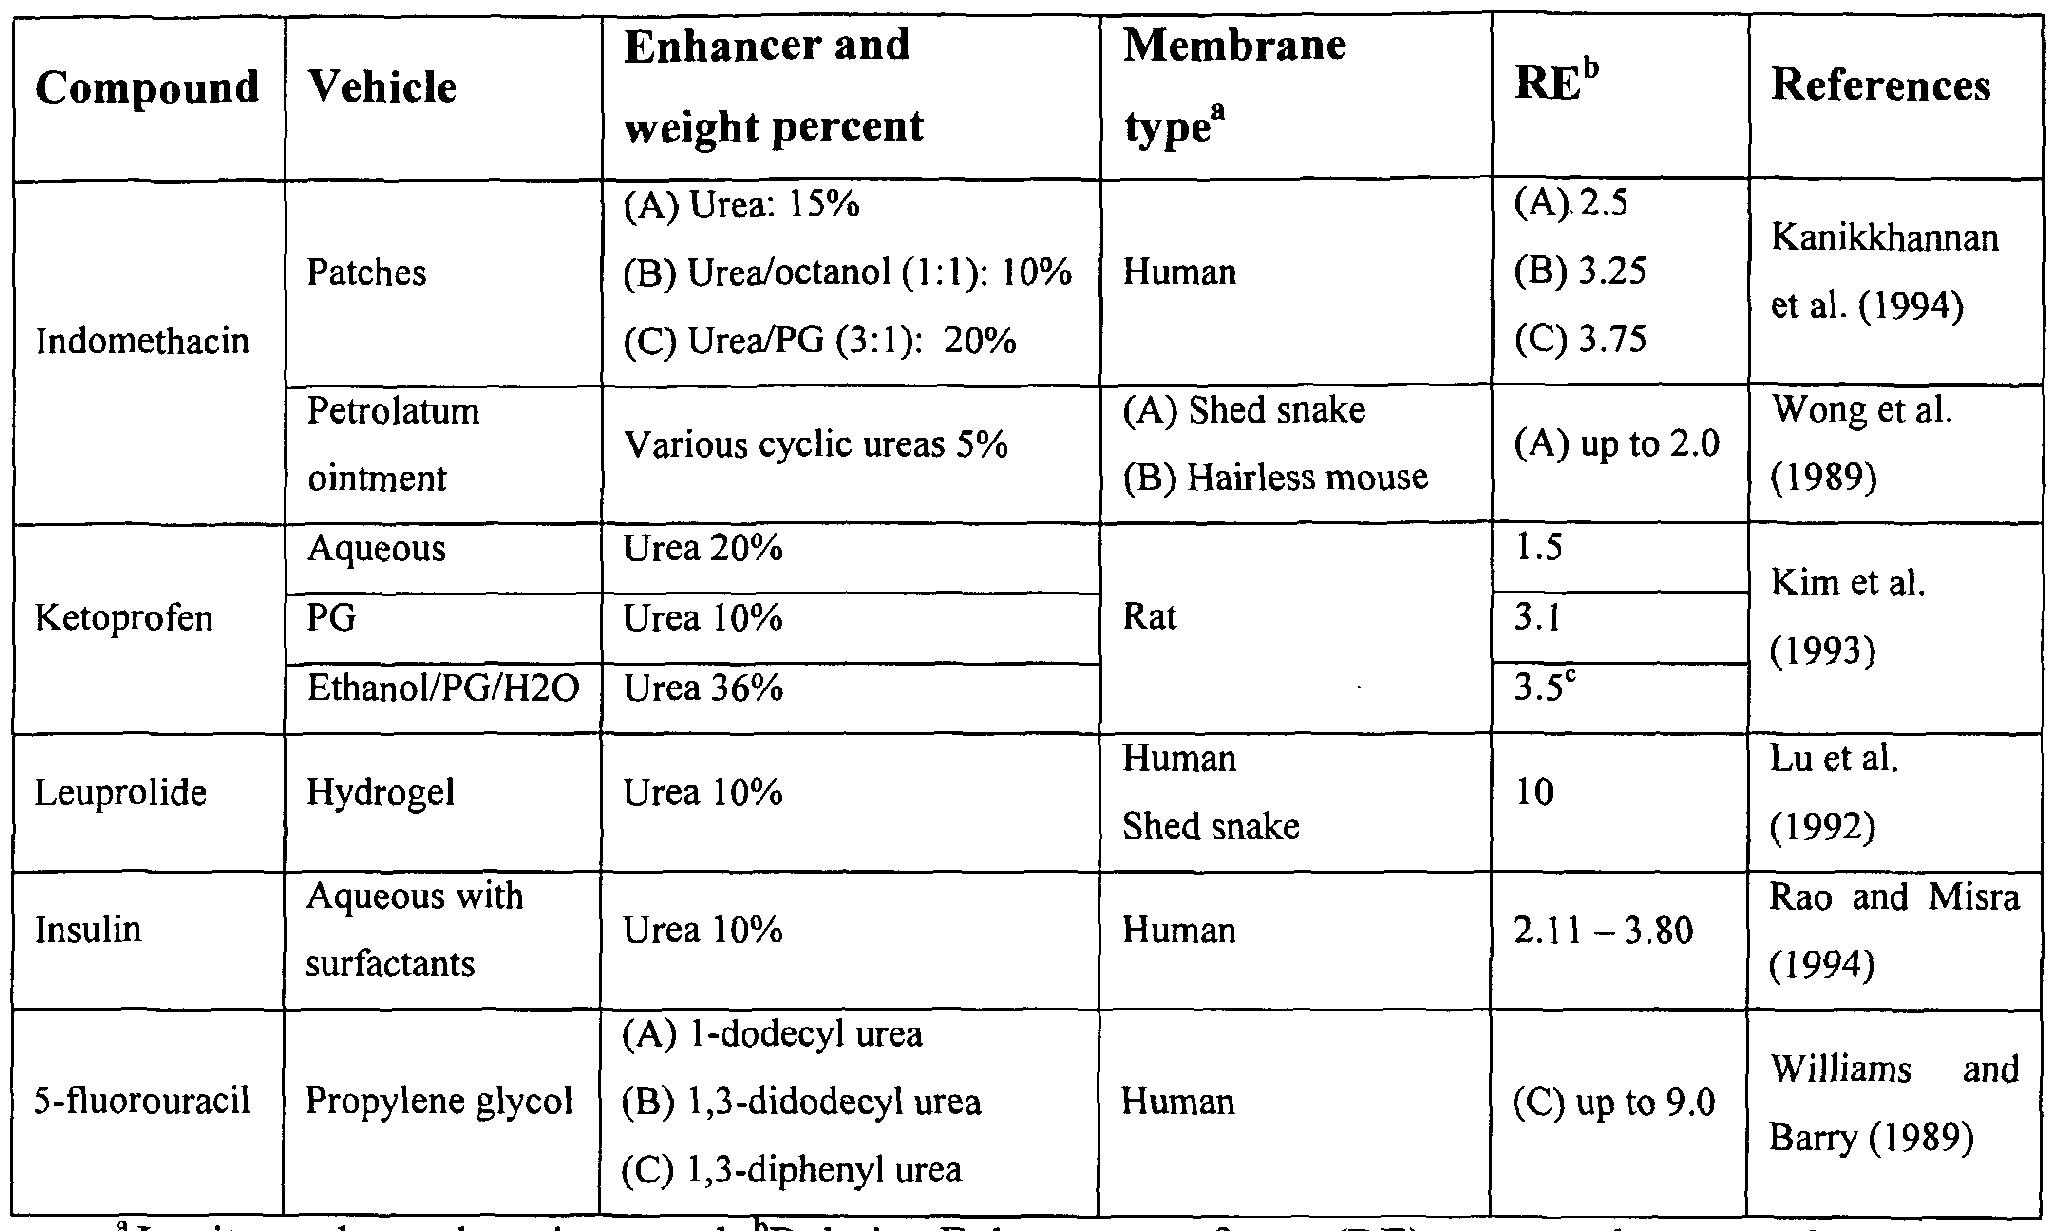 35 Macromolecule Comparison Table Worksheet